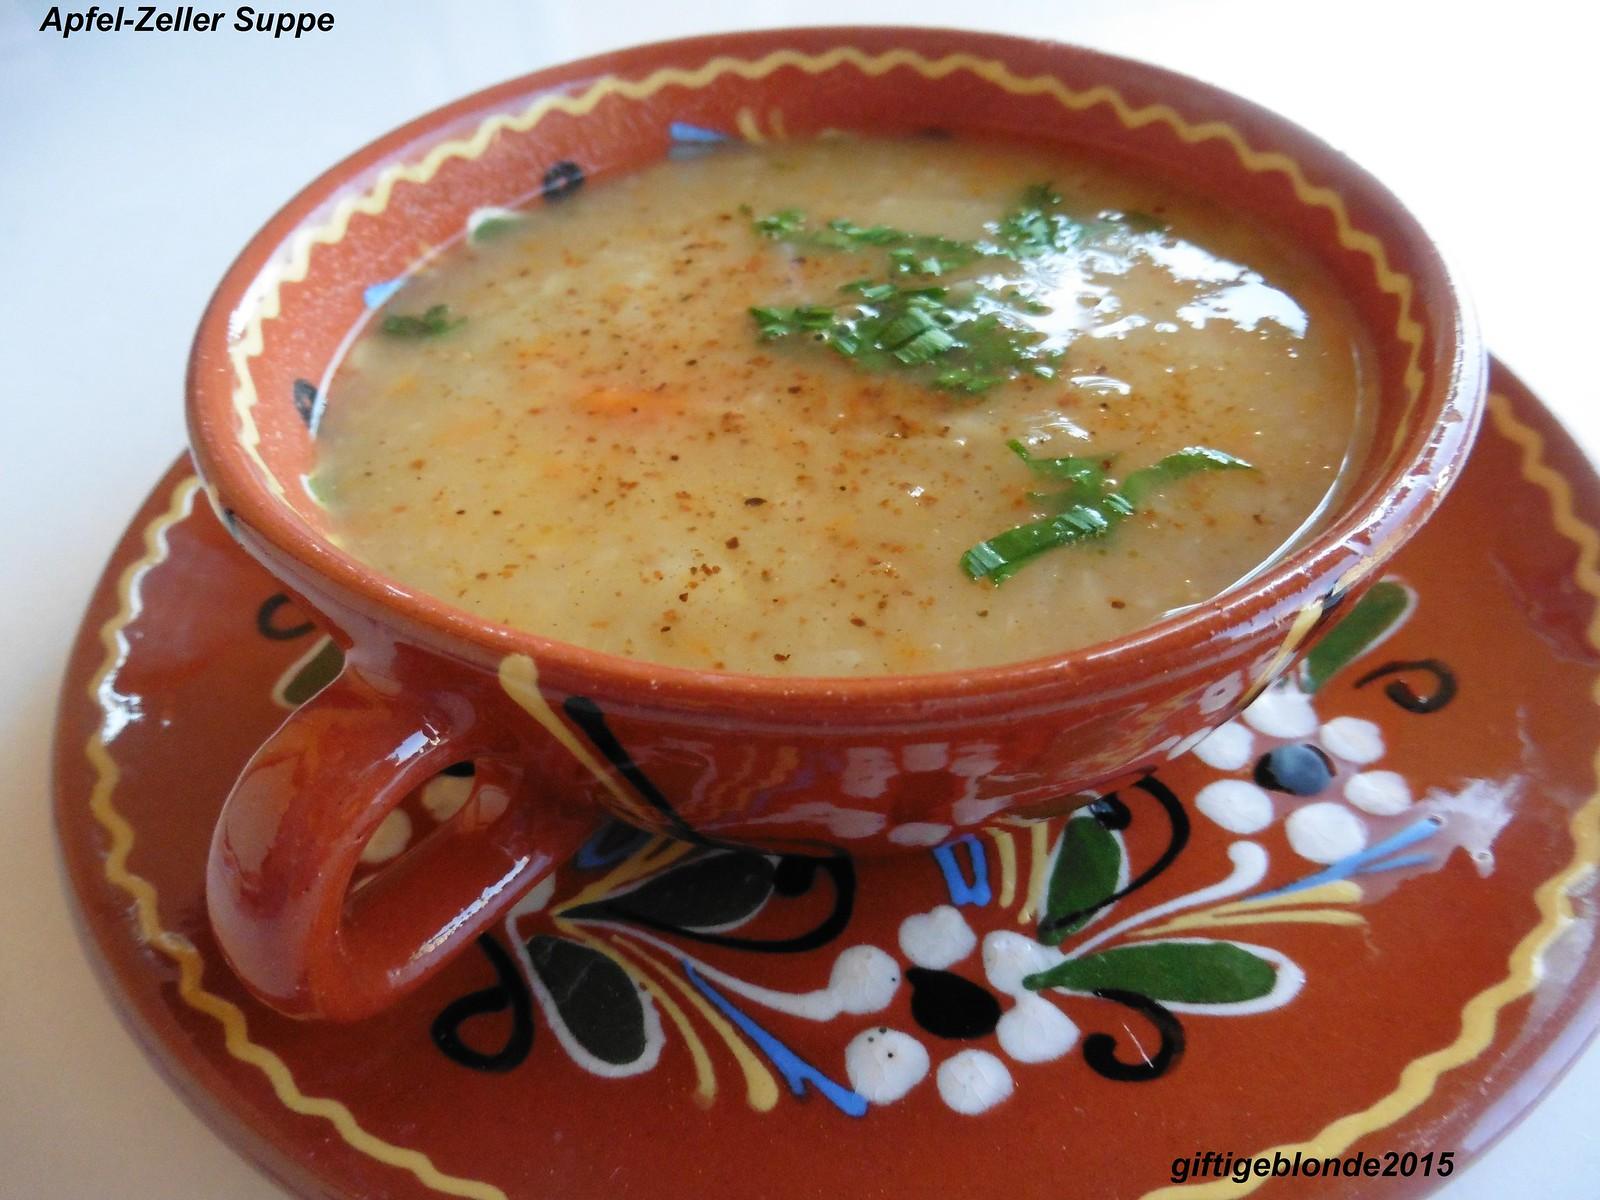 Apfel-Zeller Suppe